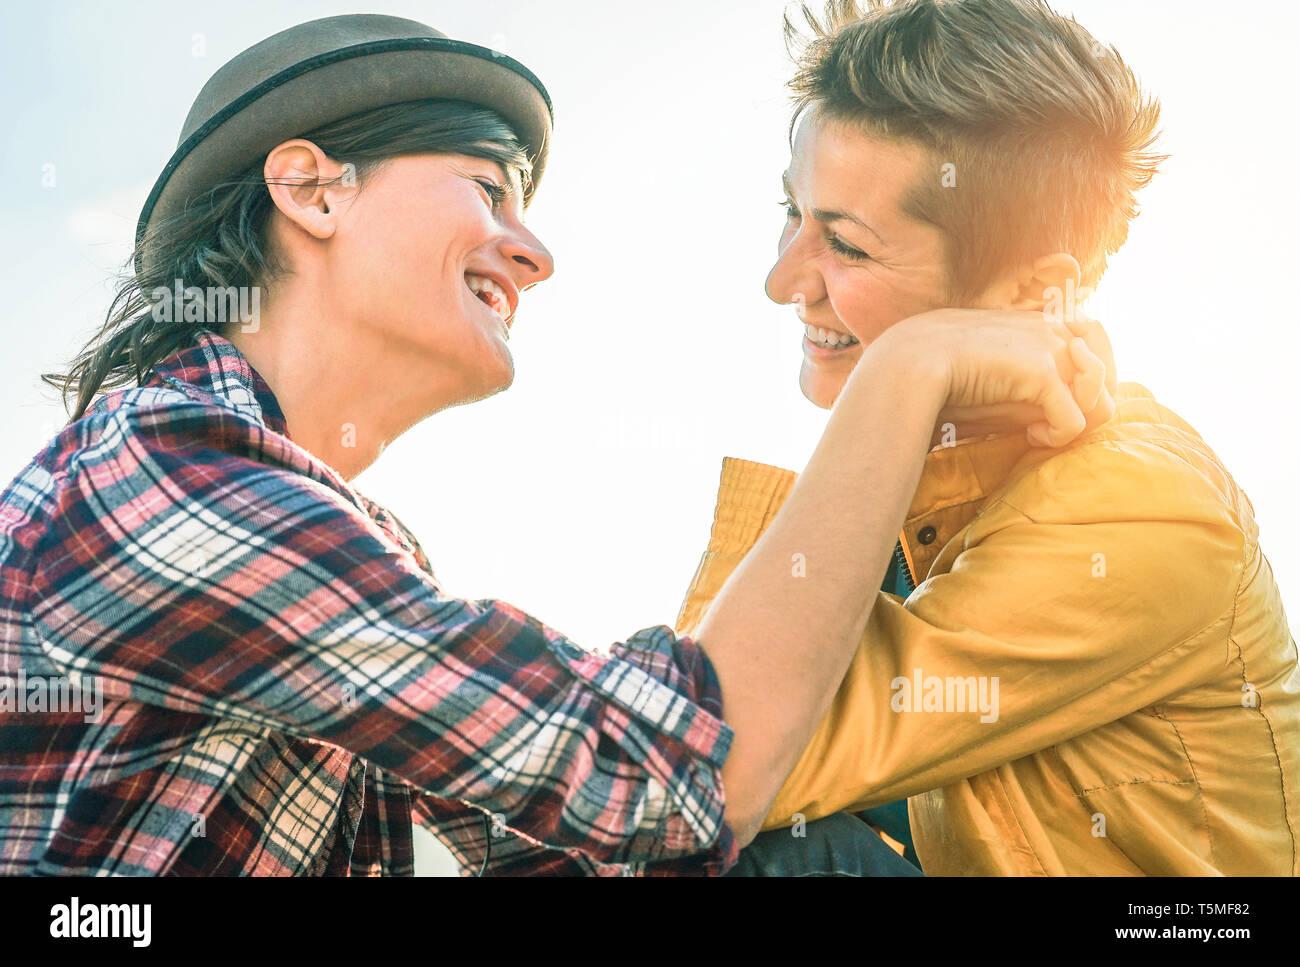 gratis lesbiche incontri siti Toronto